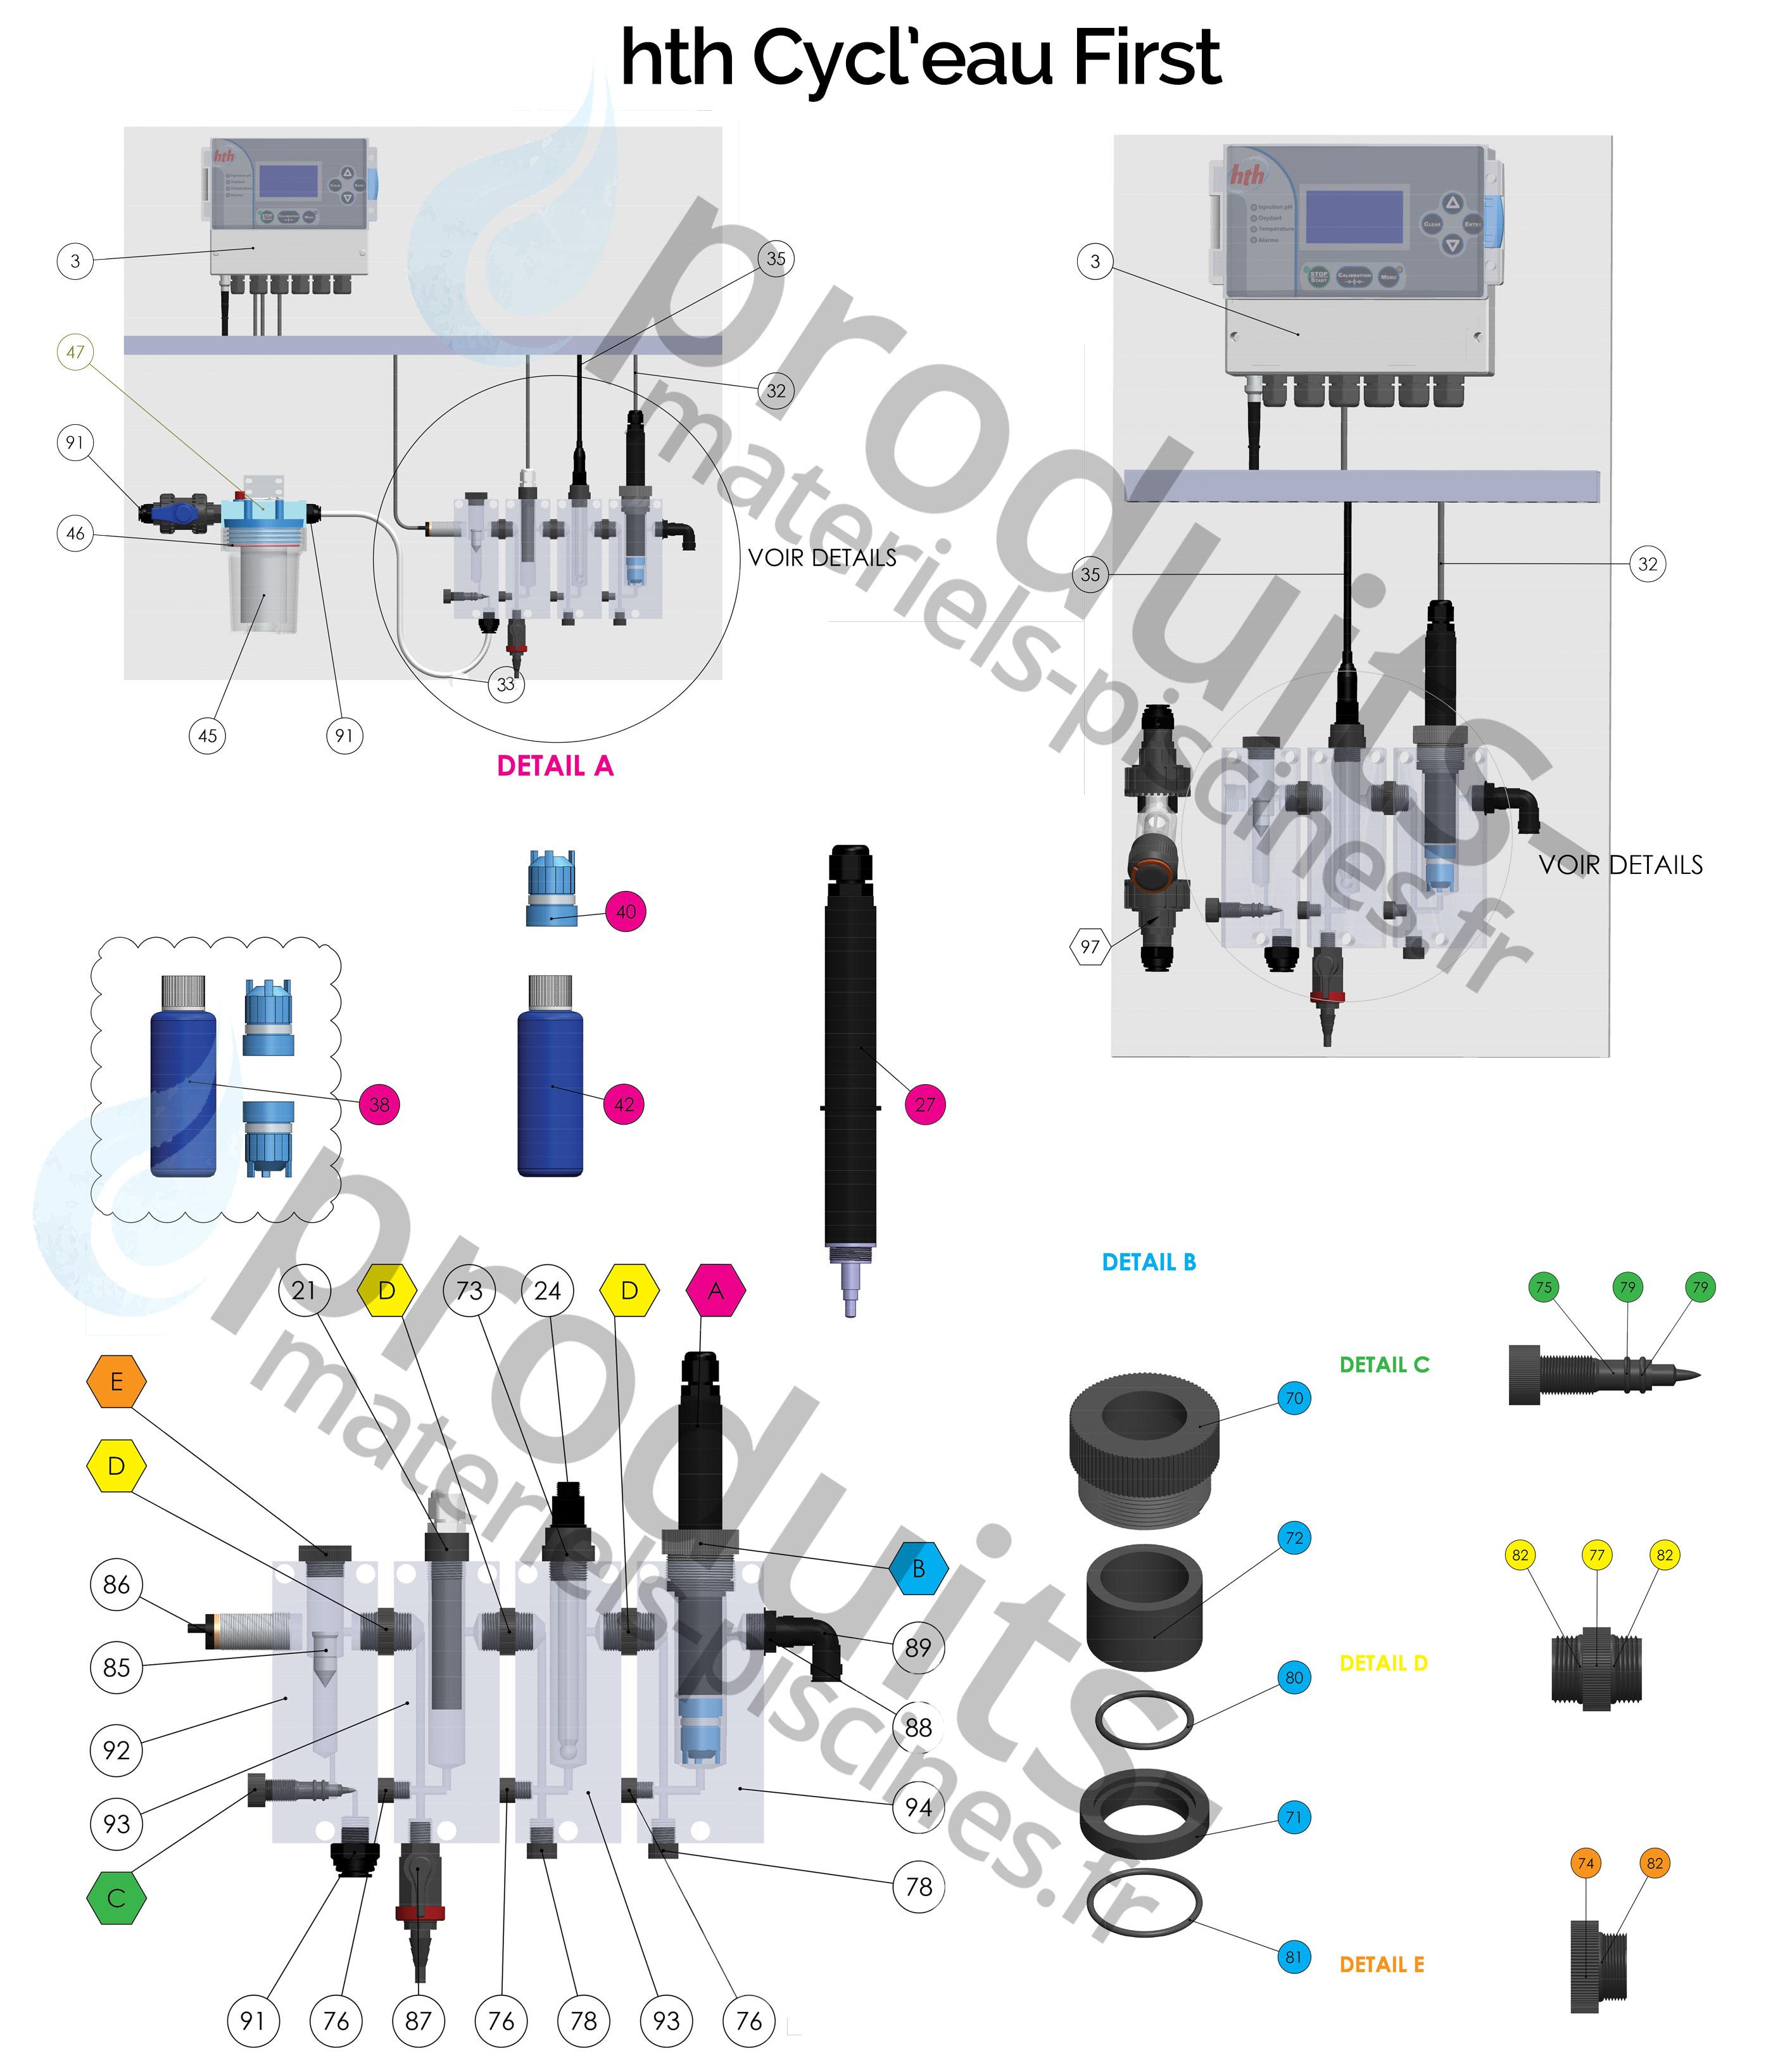 éclatés et pièces détachées régulation hth cycl'eau